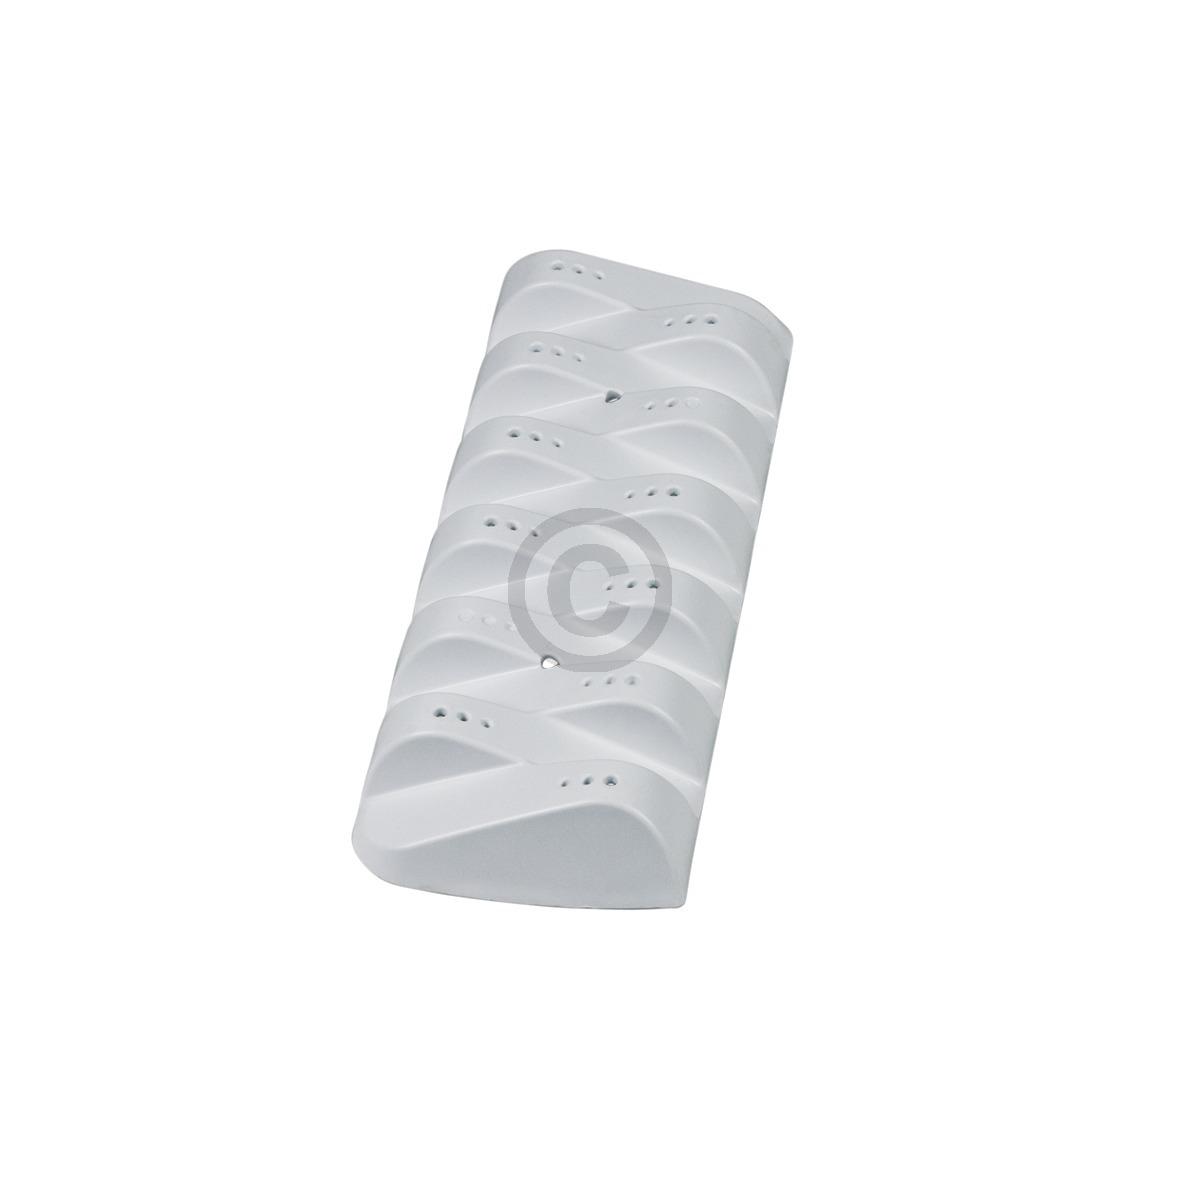 Trommelrippe Whirlpool 481010597315 C00324931 Original für Waschmaschine Bauknec